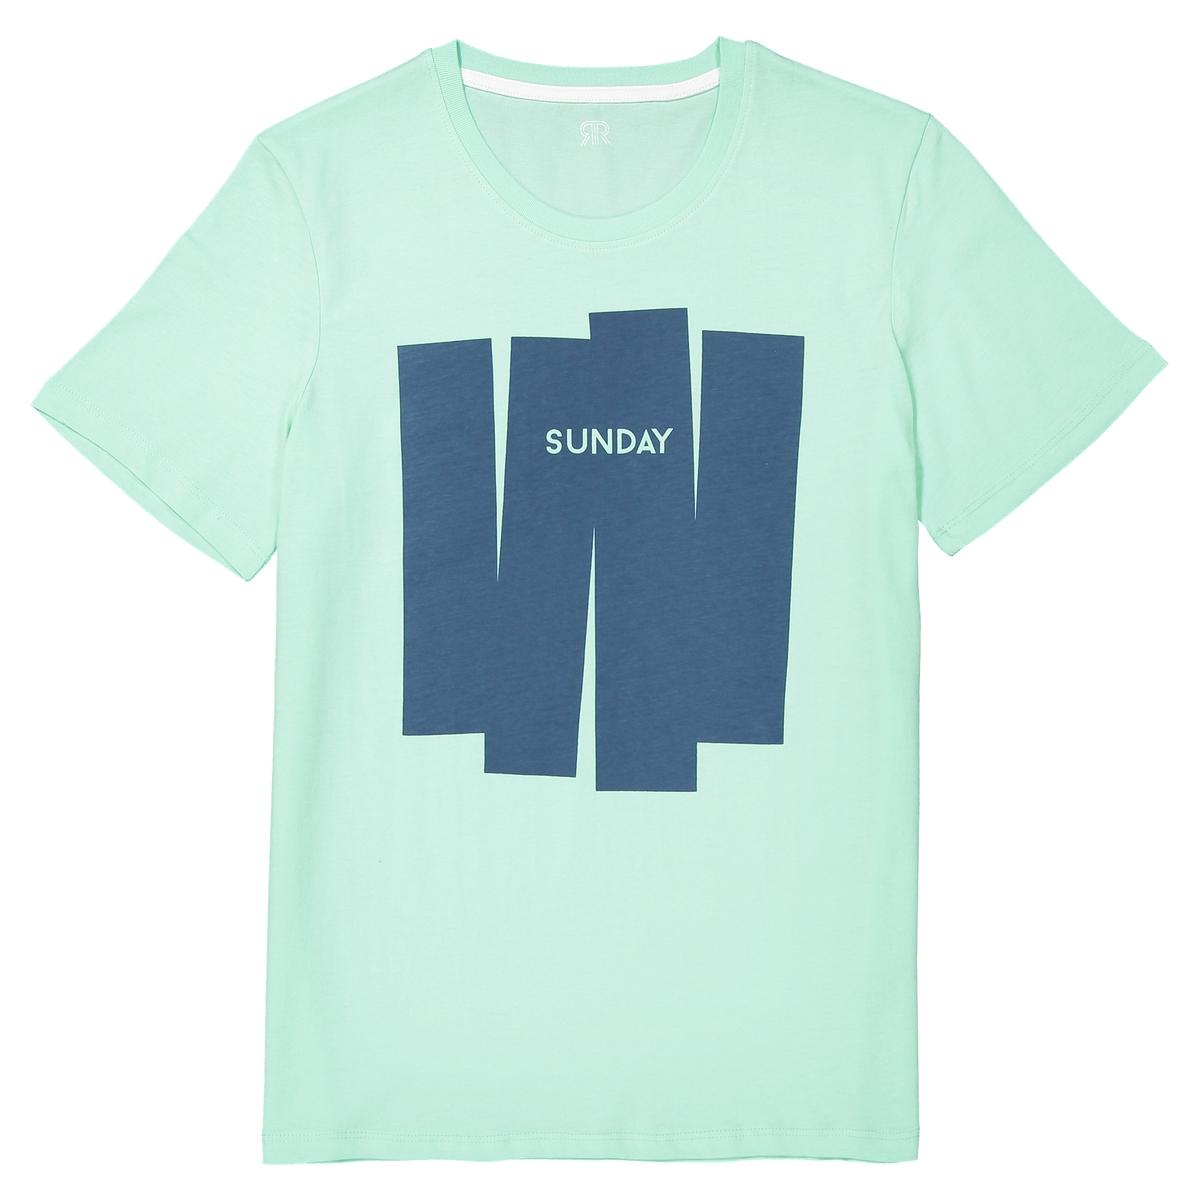 T-shirt de gola redonda, motivo à frente